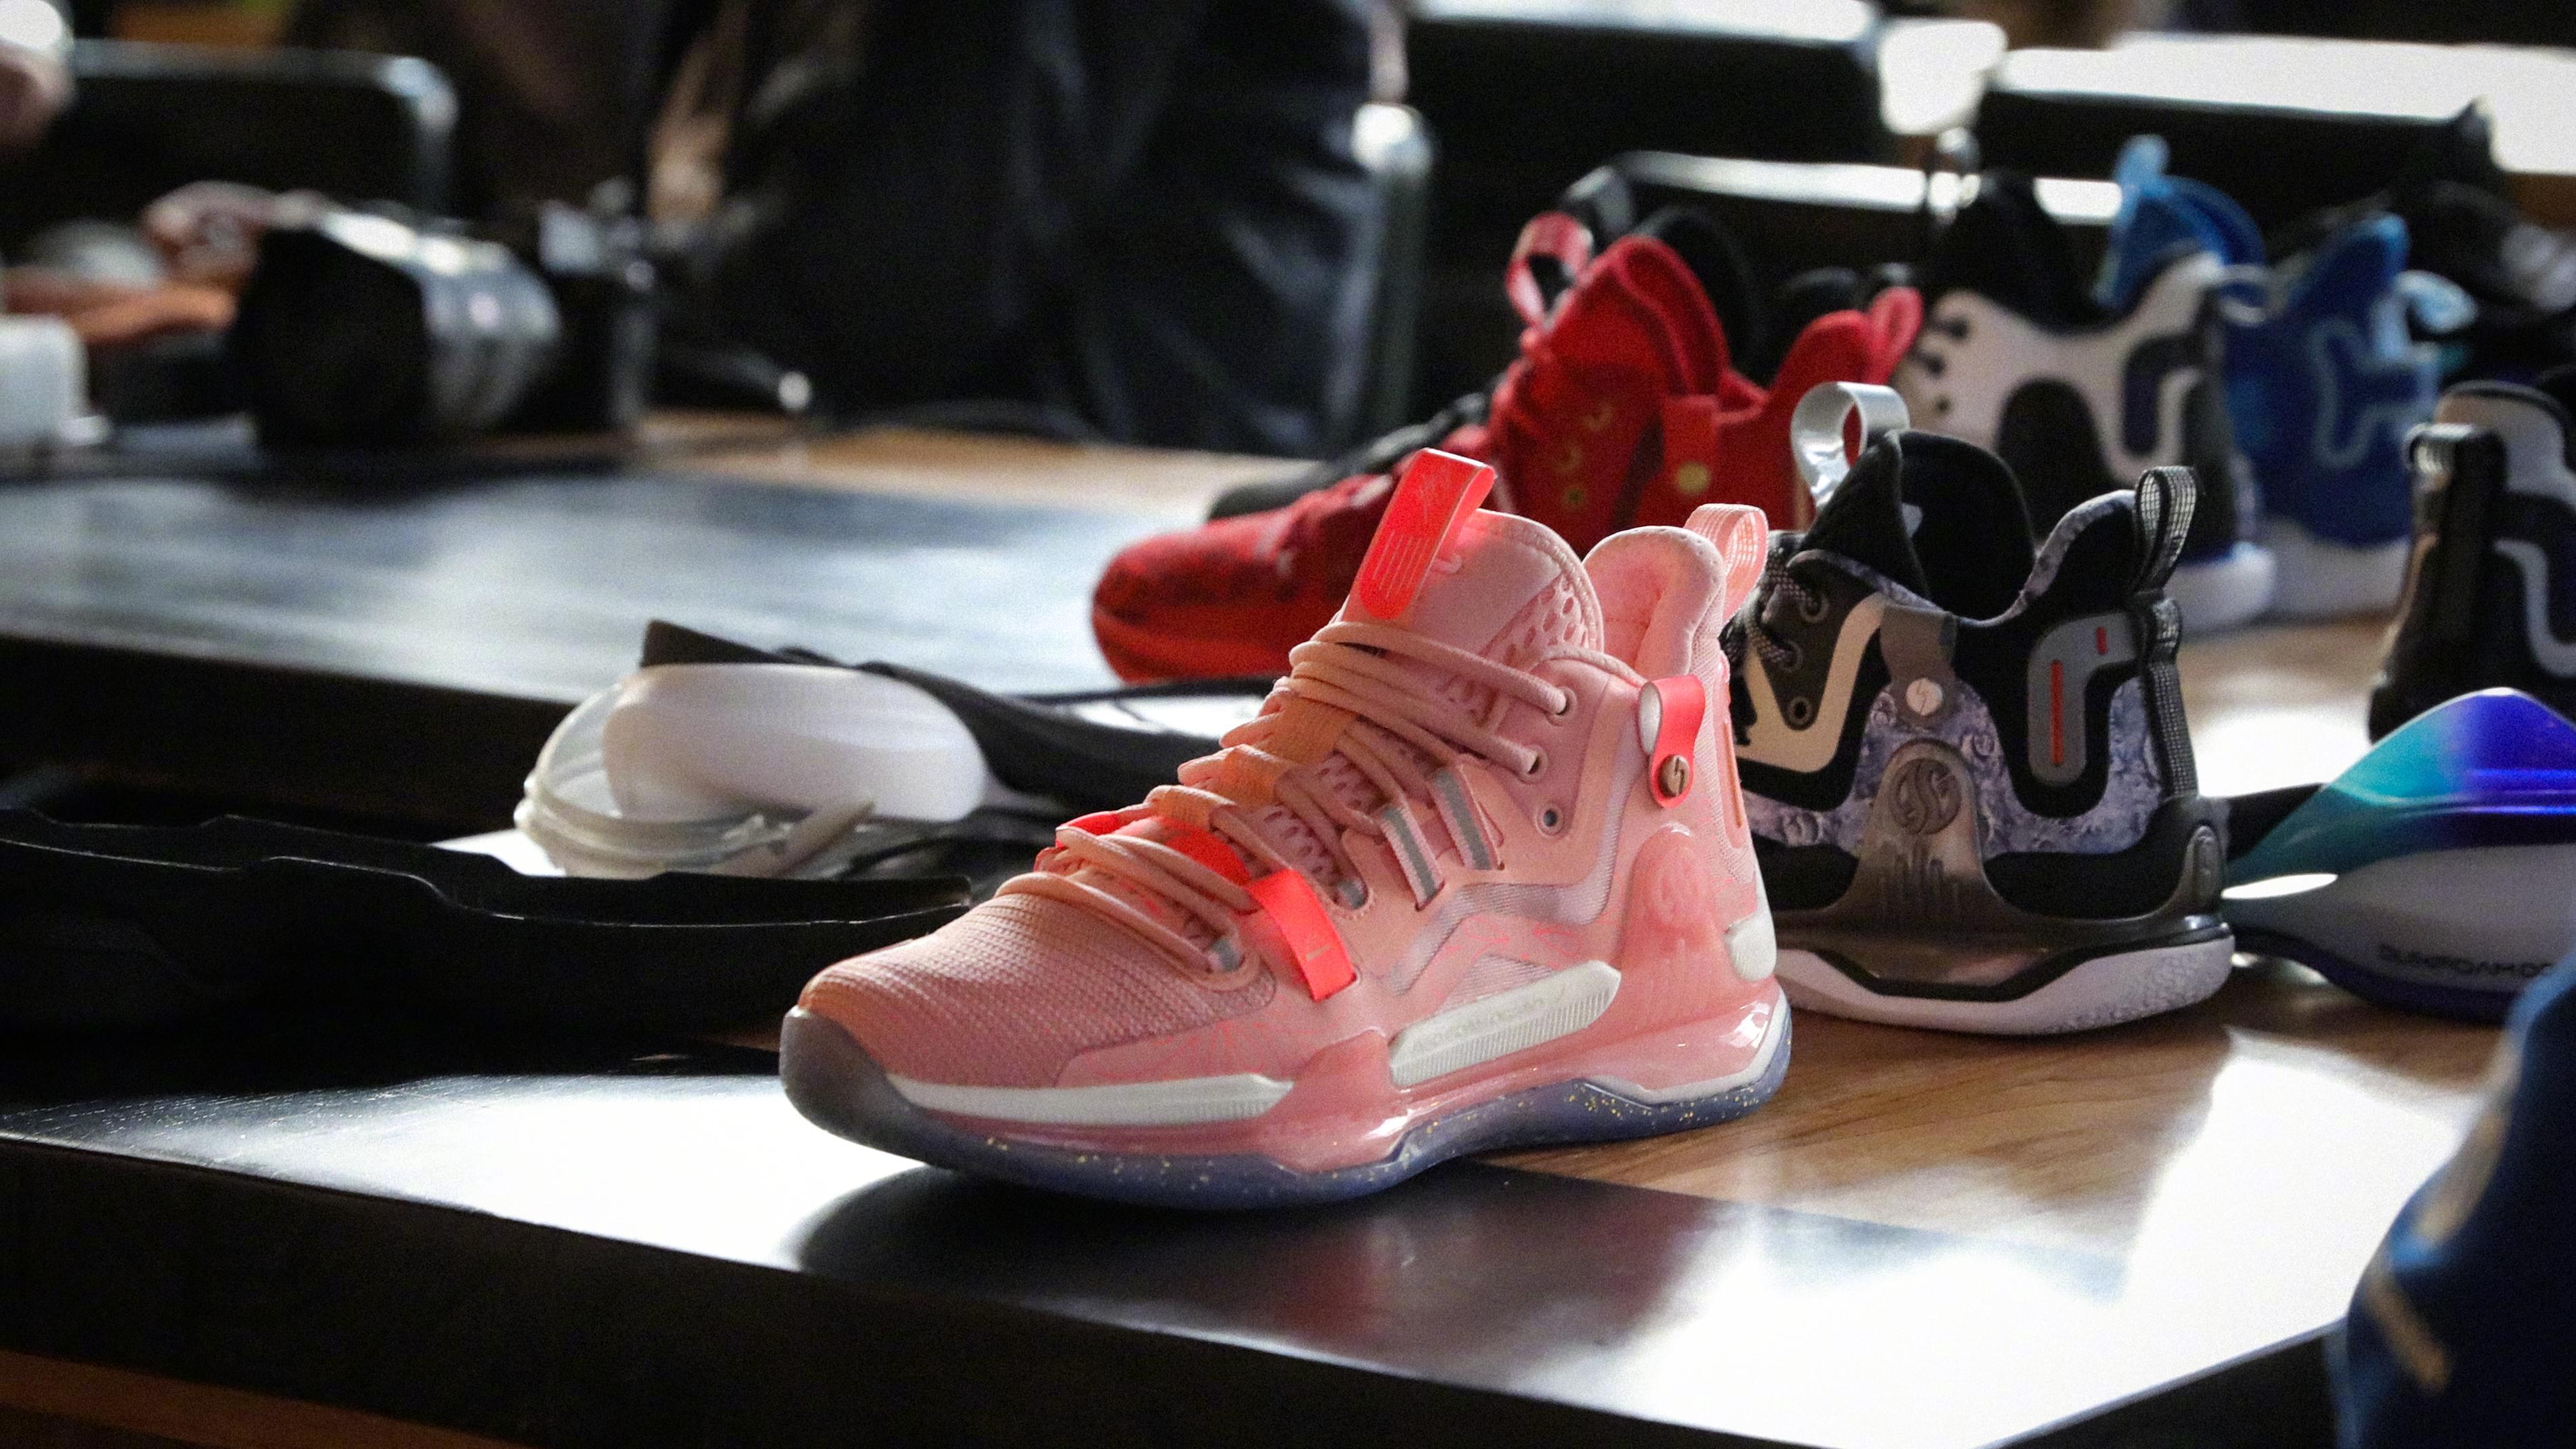 阿迪VS国产!戈登1多配色曝光,阿迪低帮篮球鞋新款发售,2款你中意谁?